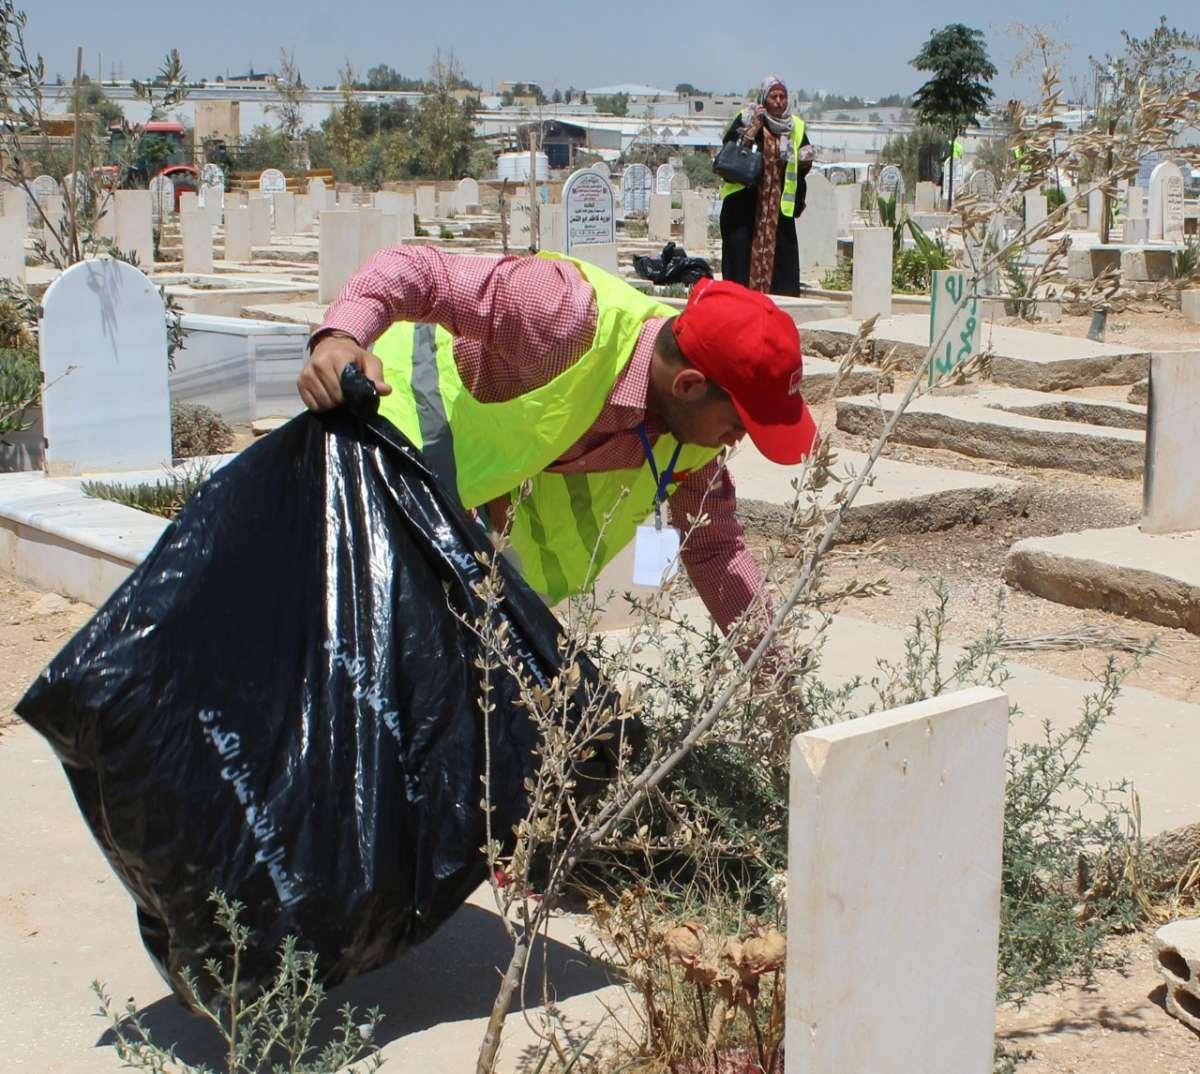 اكرموا موتانا في مقبرة سحاب الاسلامية